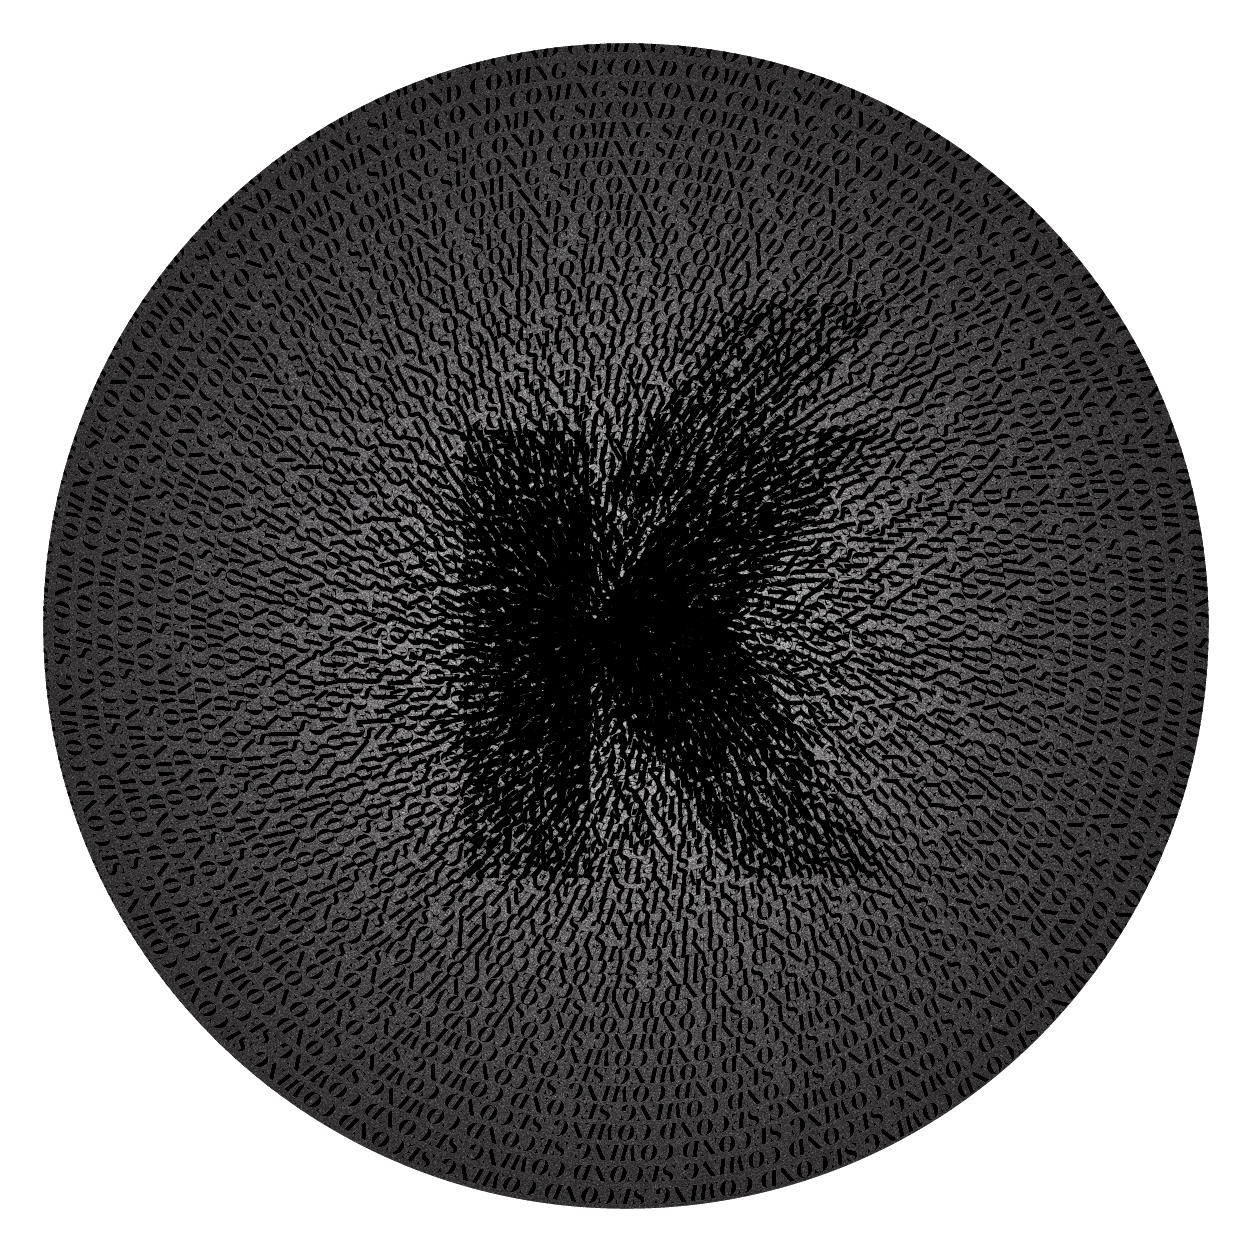 km021_kondens_kontramusik_A.png